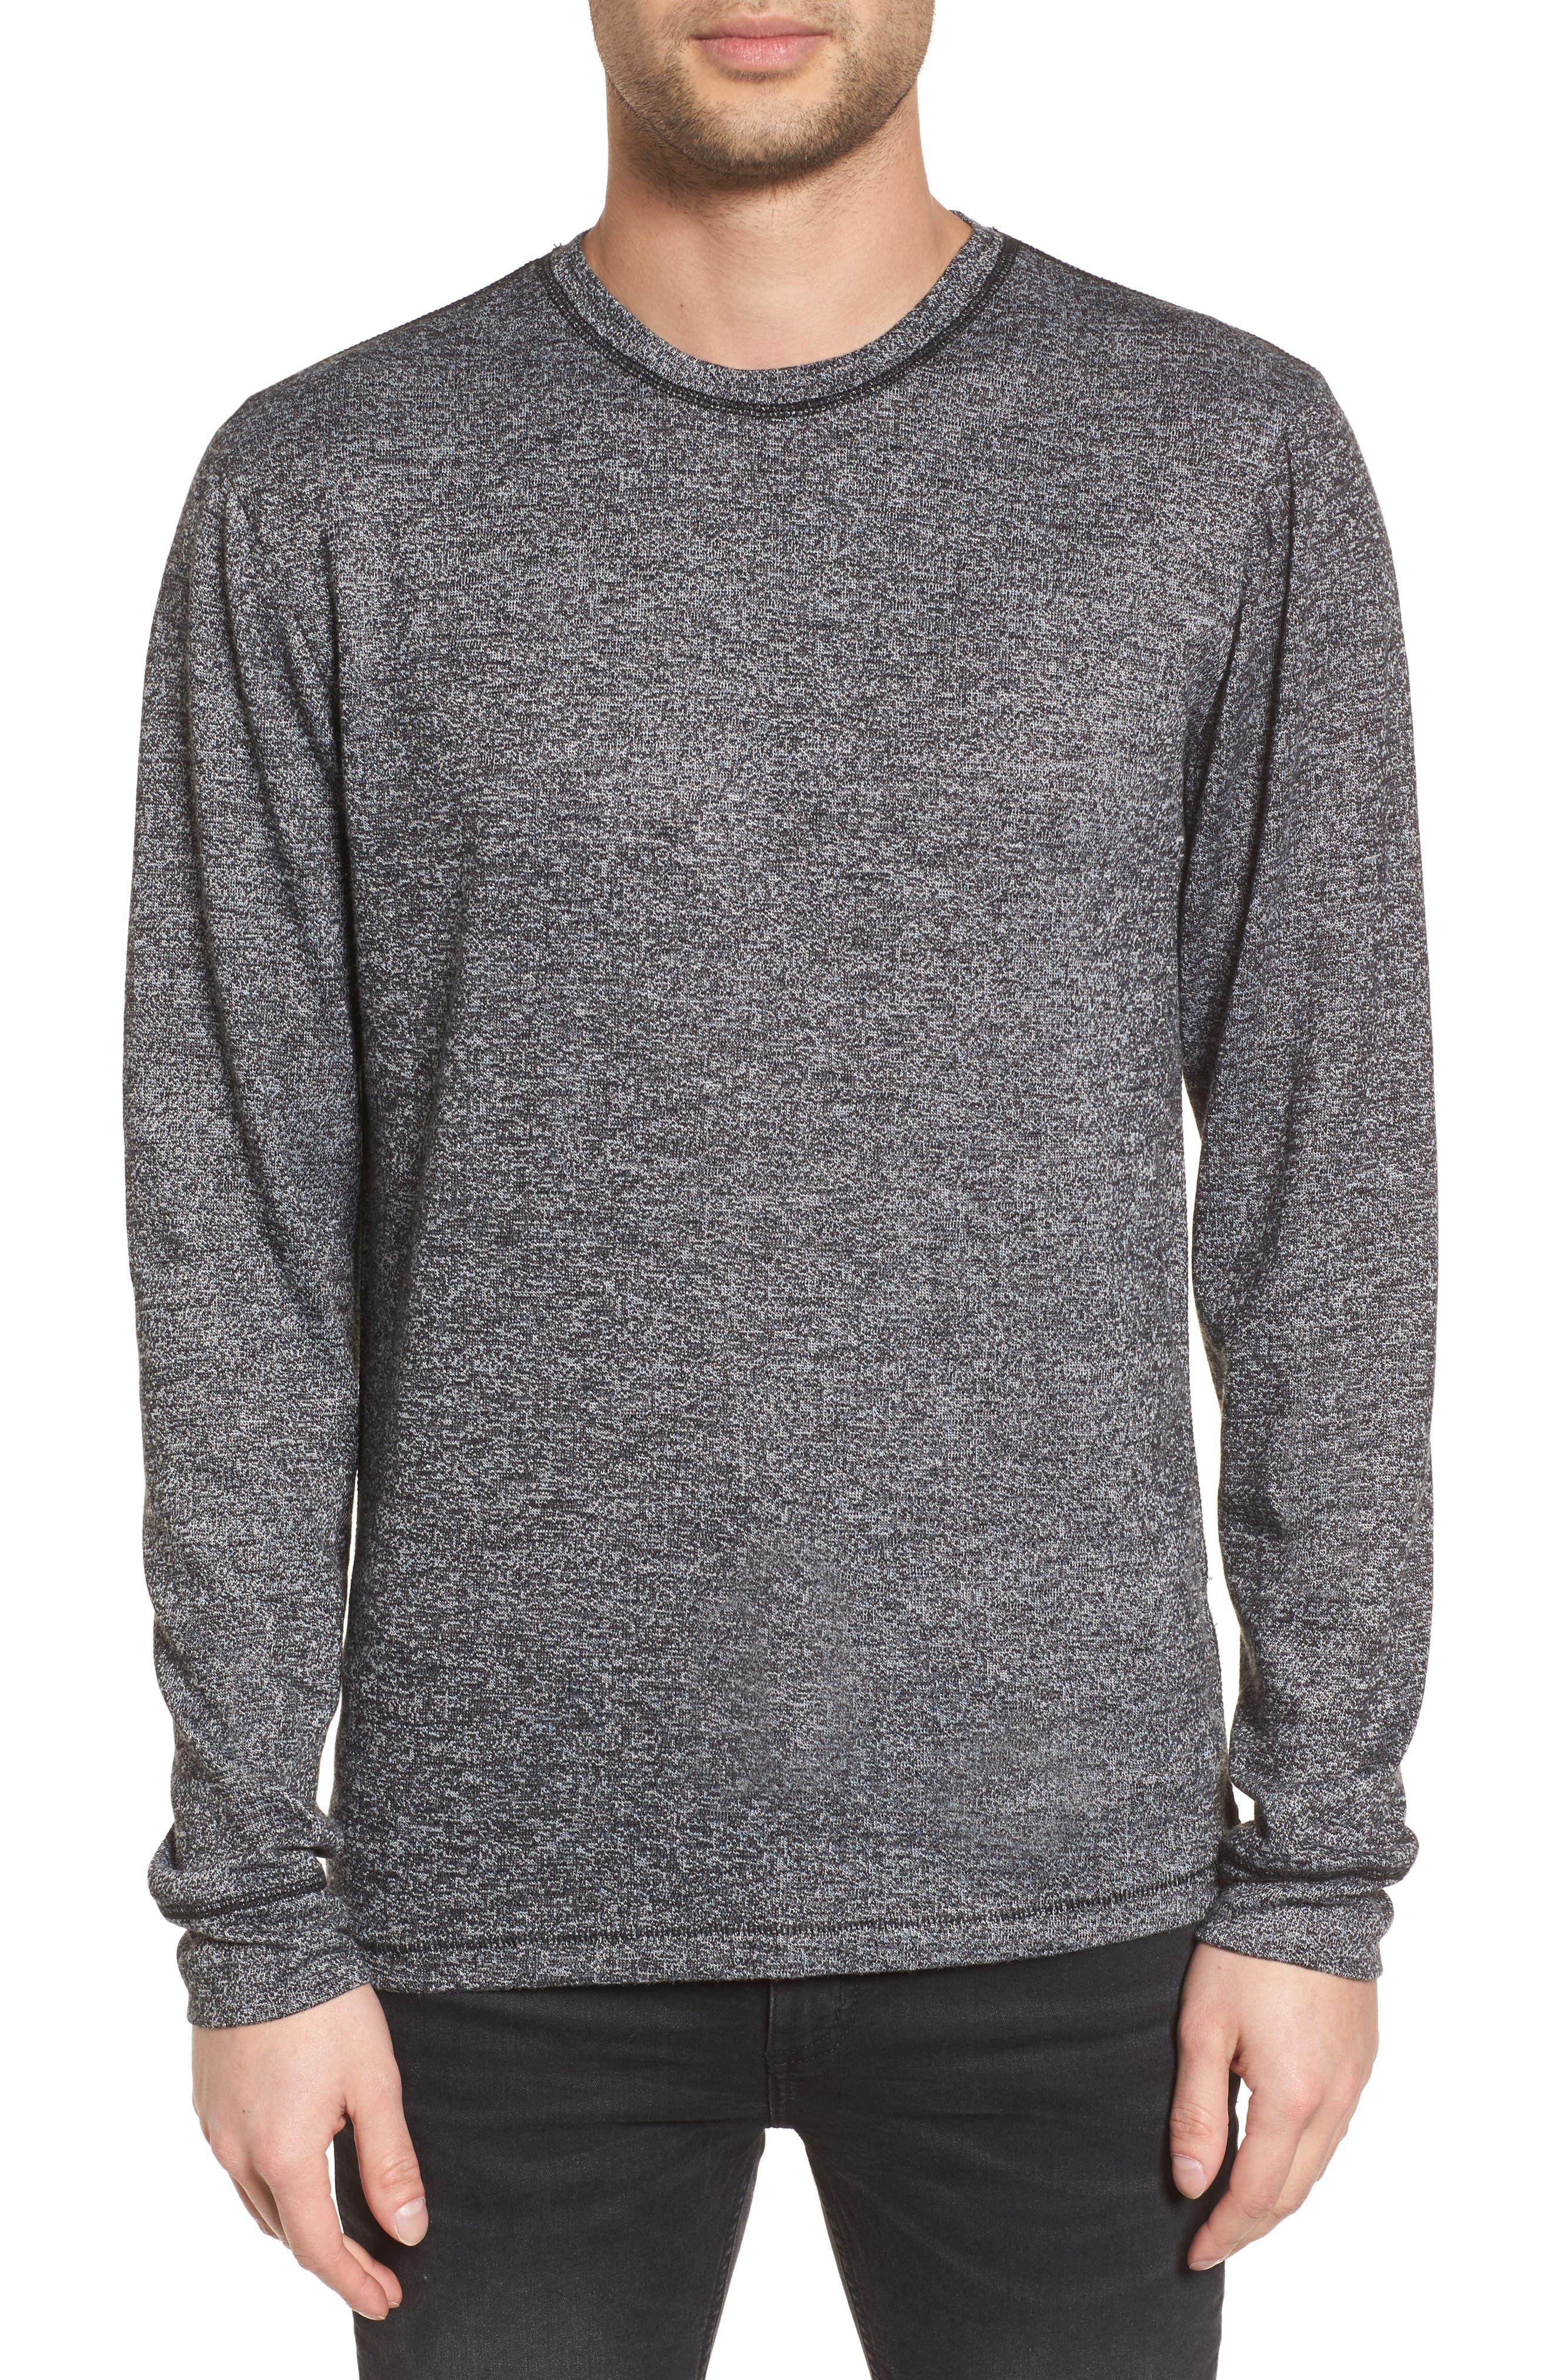 Treasure&Bond Crewneck Sweater